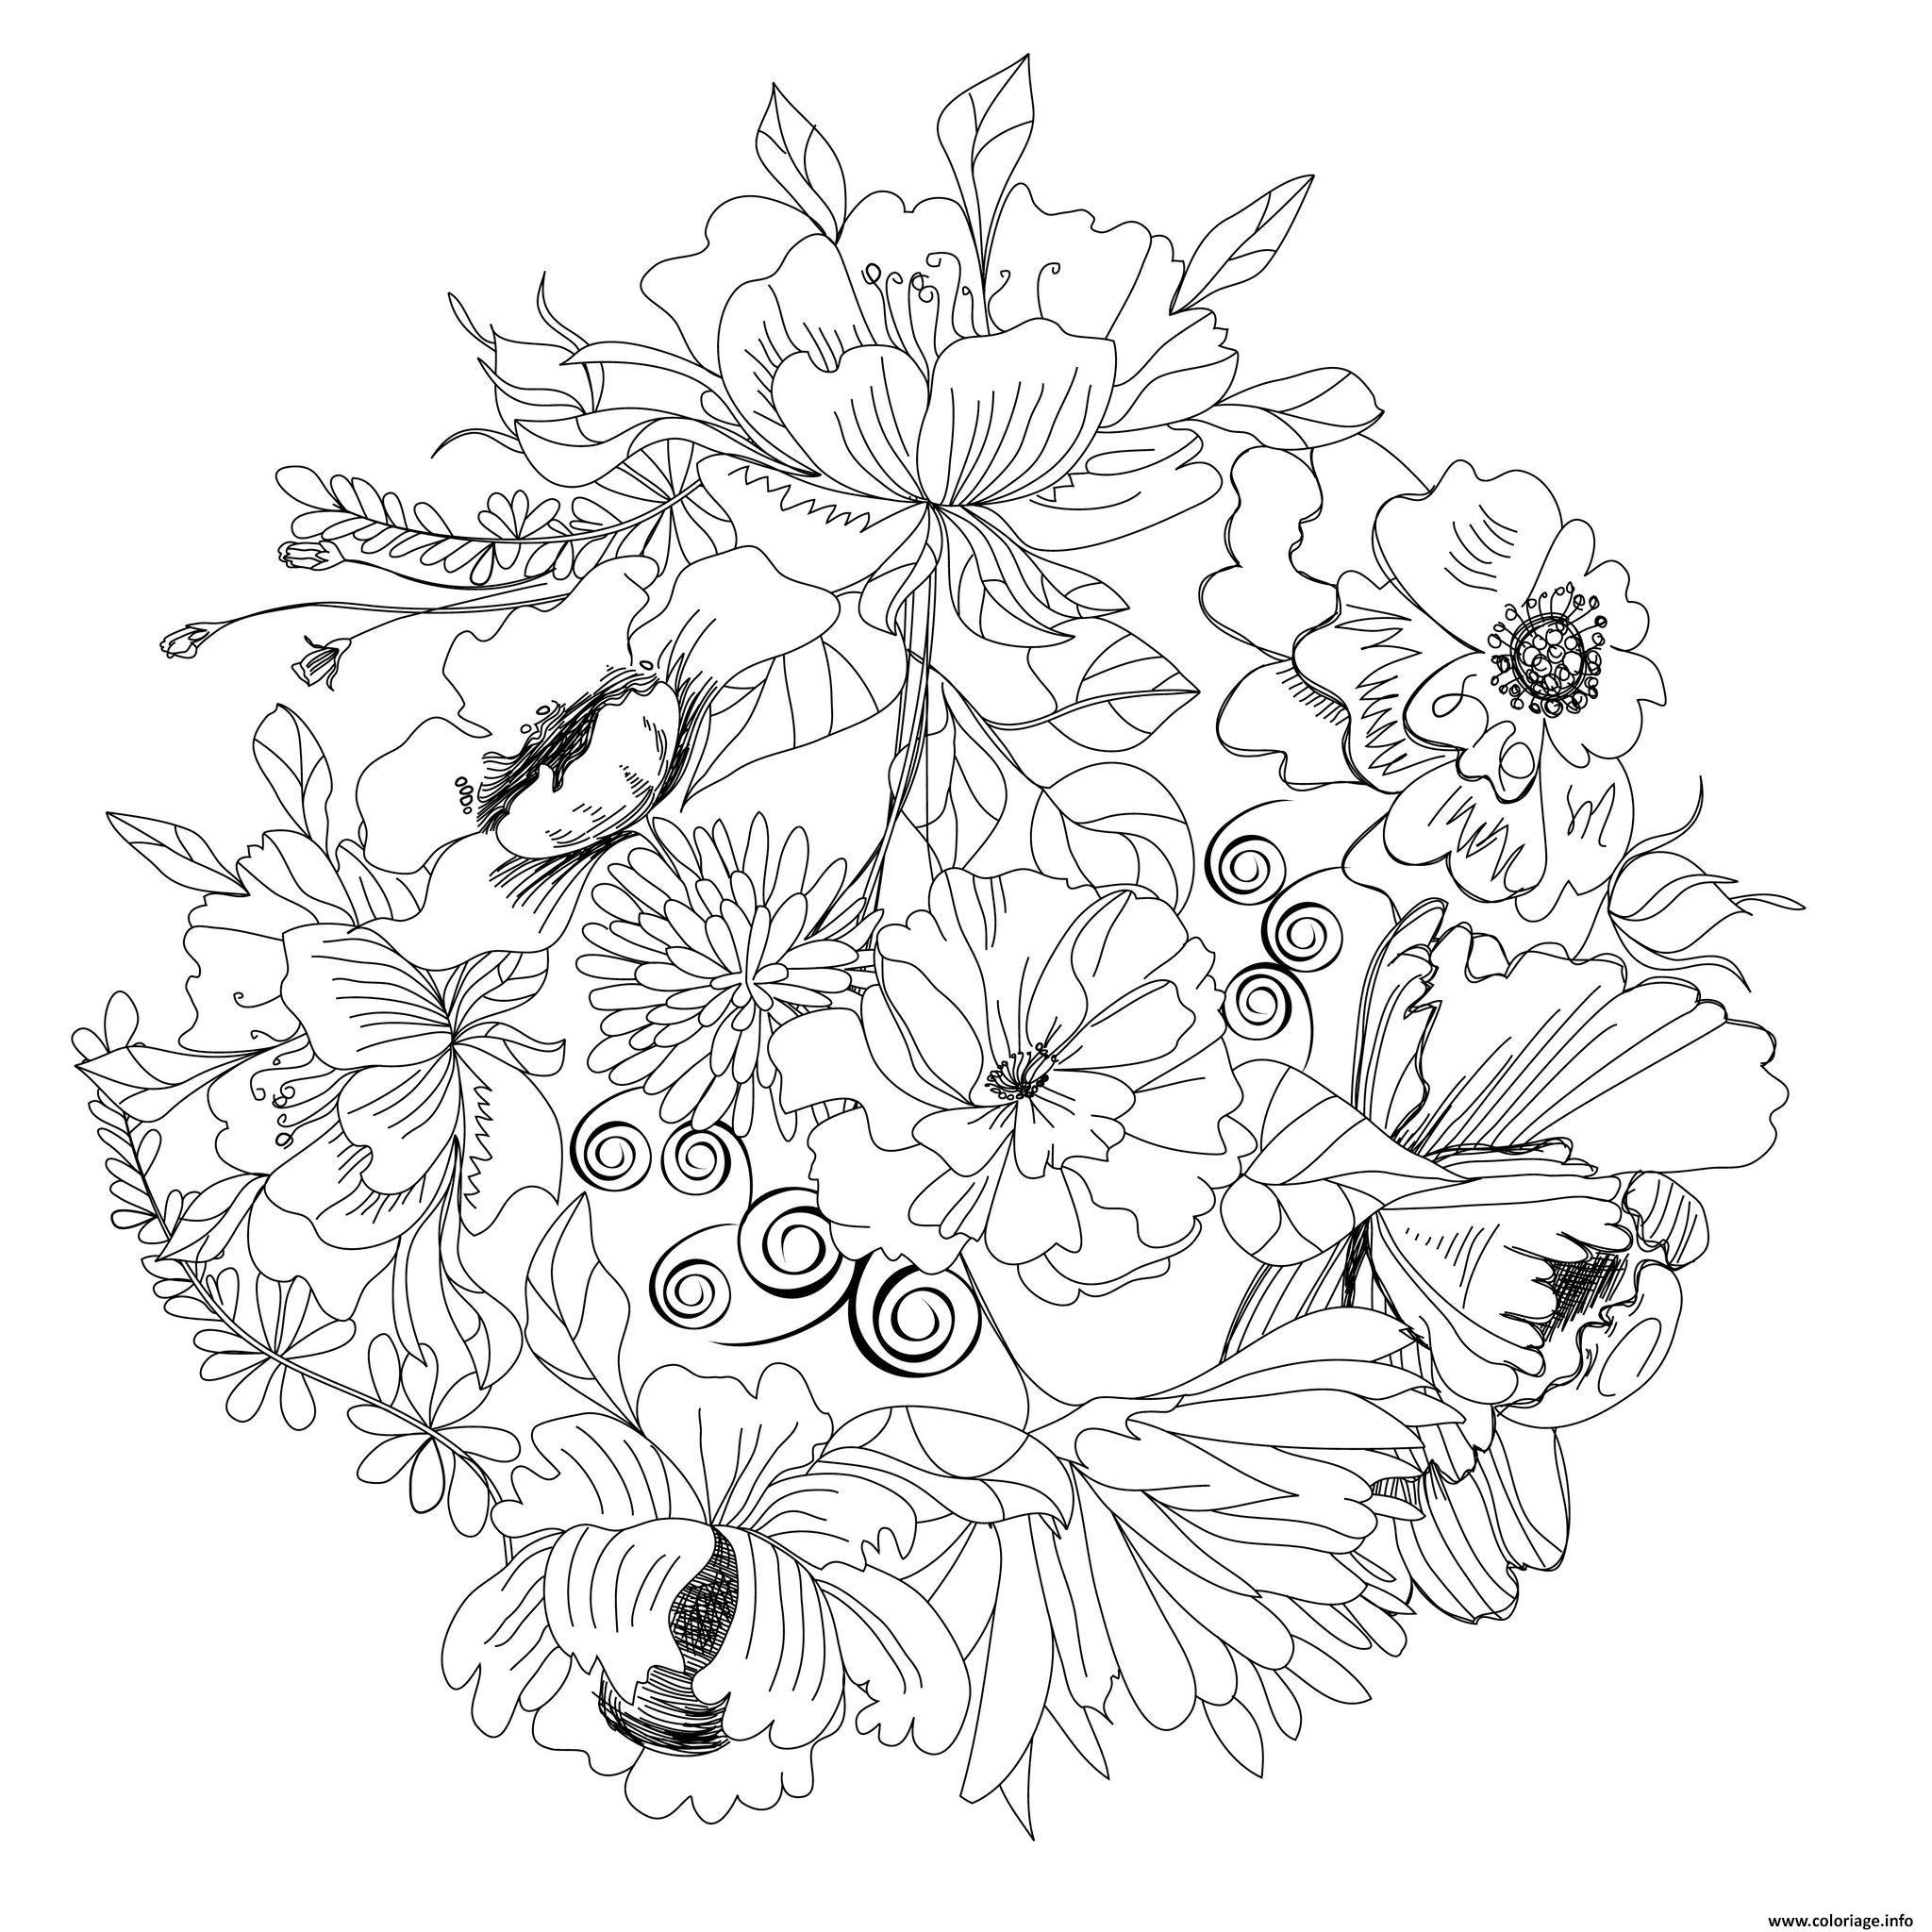 Coloriage nature fleurs ronde de fleurs dessin - Coloriage nature a imprimer ...